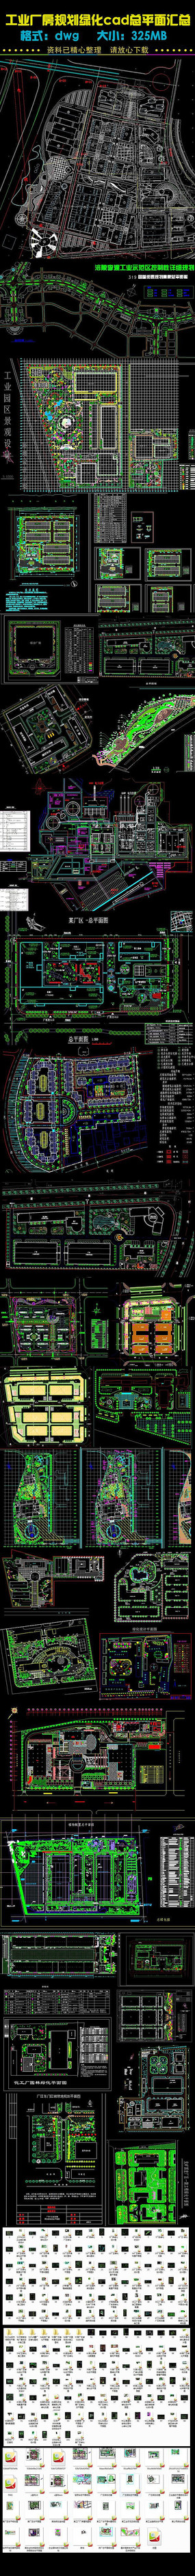 工业厂房规划绿化cad总平面